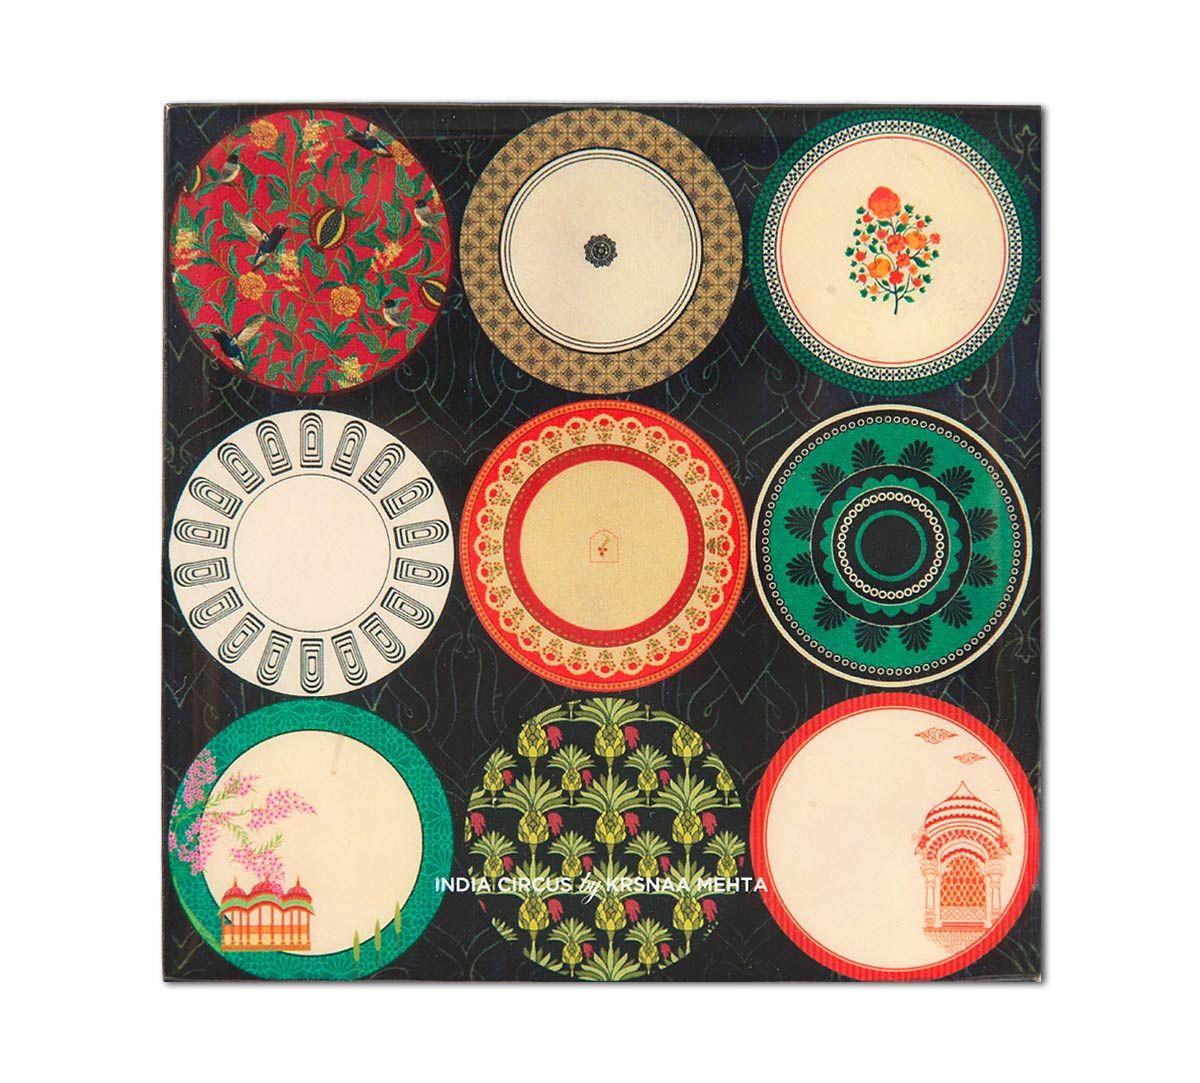 India Circus Platter Portrayal Table Coaster